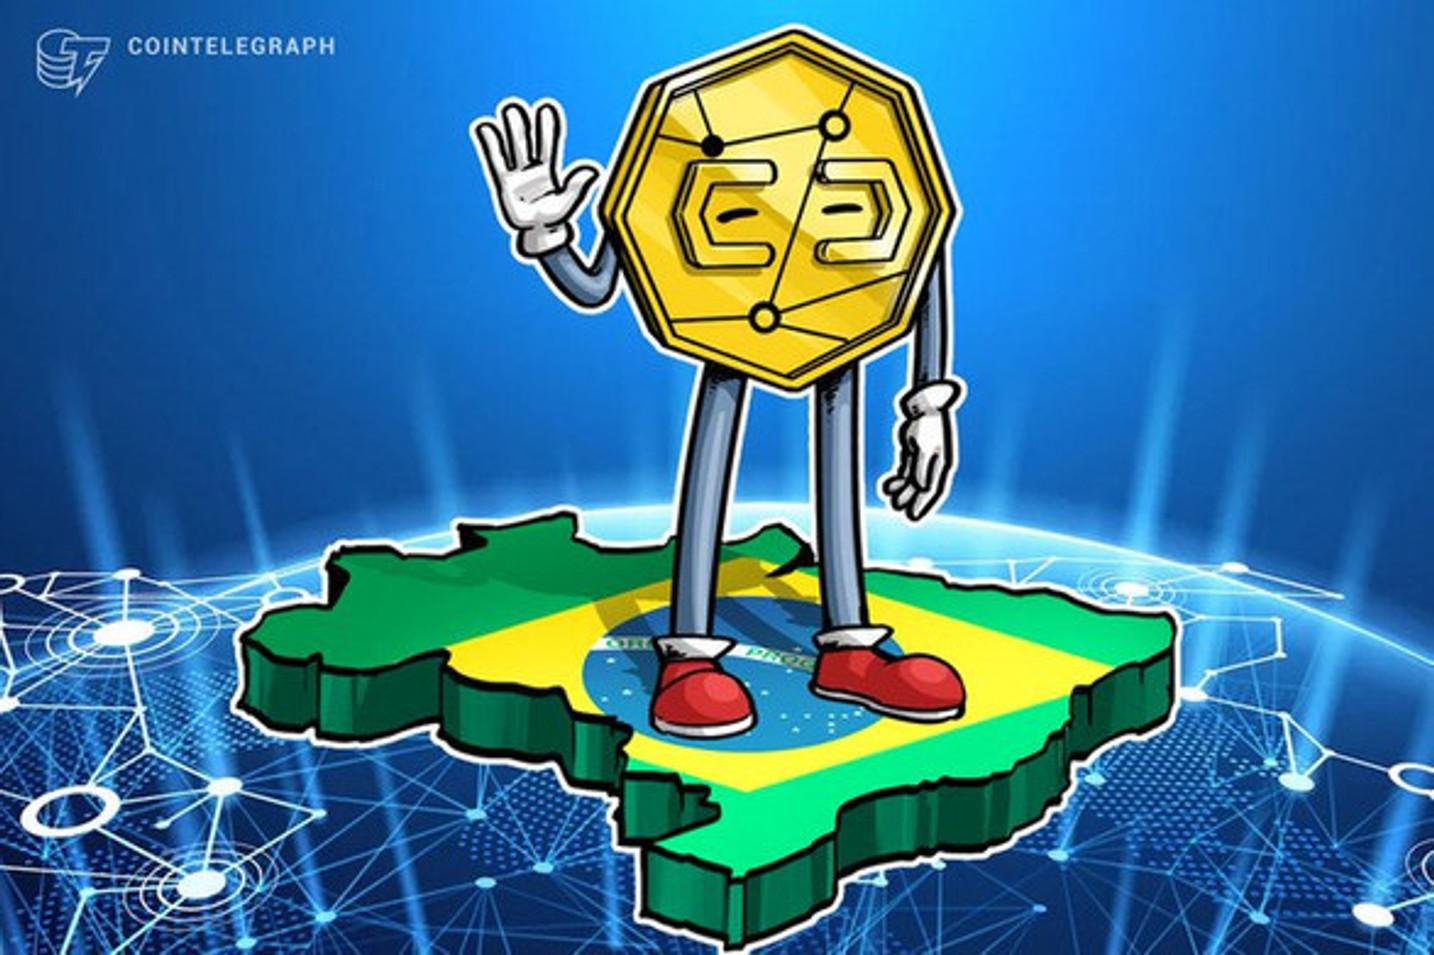 Melhor da Semana: Brasileiros e a poupança hackeada, recordes de preços do Bitcoin e Pix integrado às criptomoedas